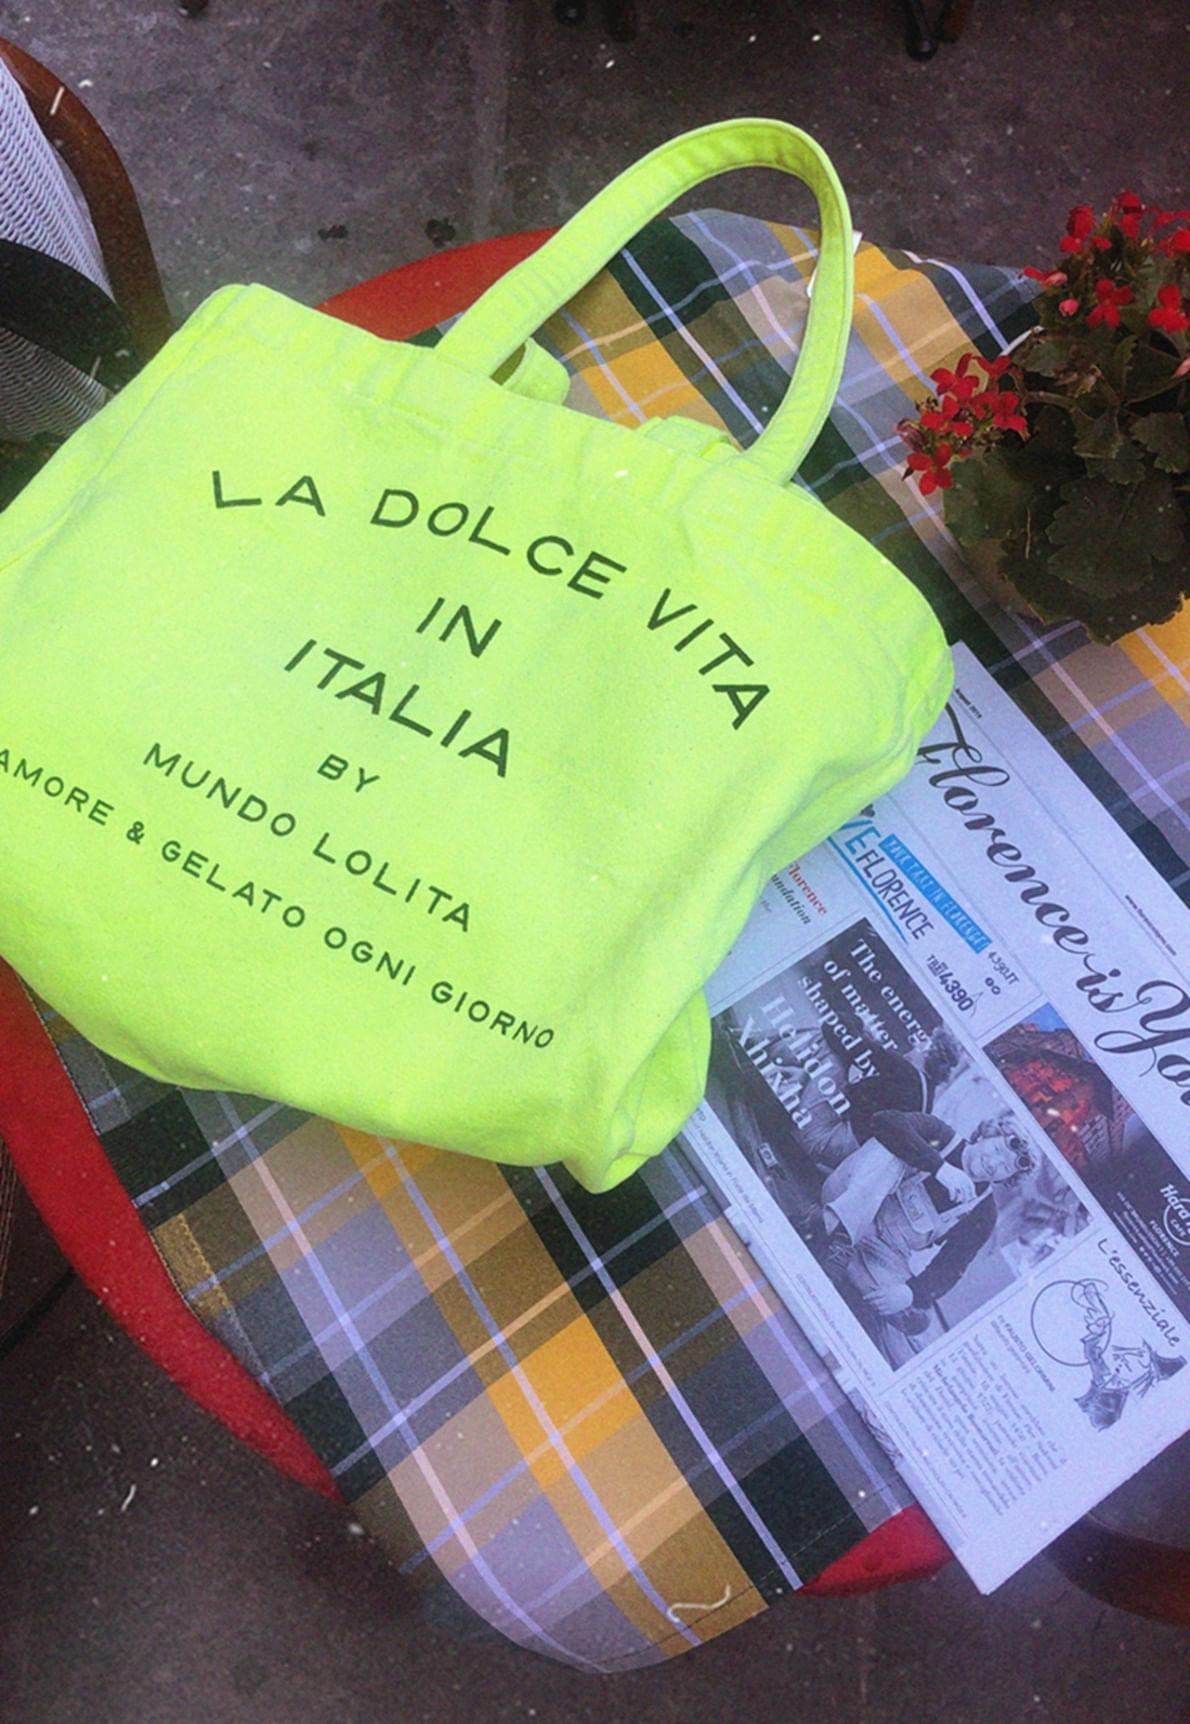 28700-bolsa-verde-neon-bag-la-dolce-vita-mundo-lolita-02